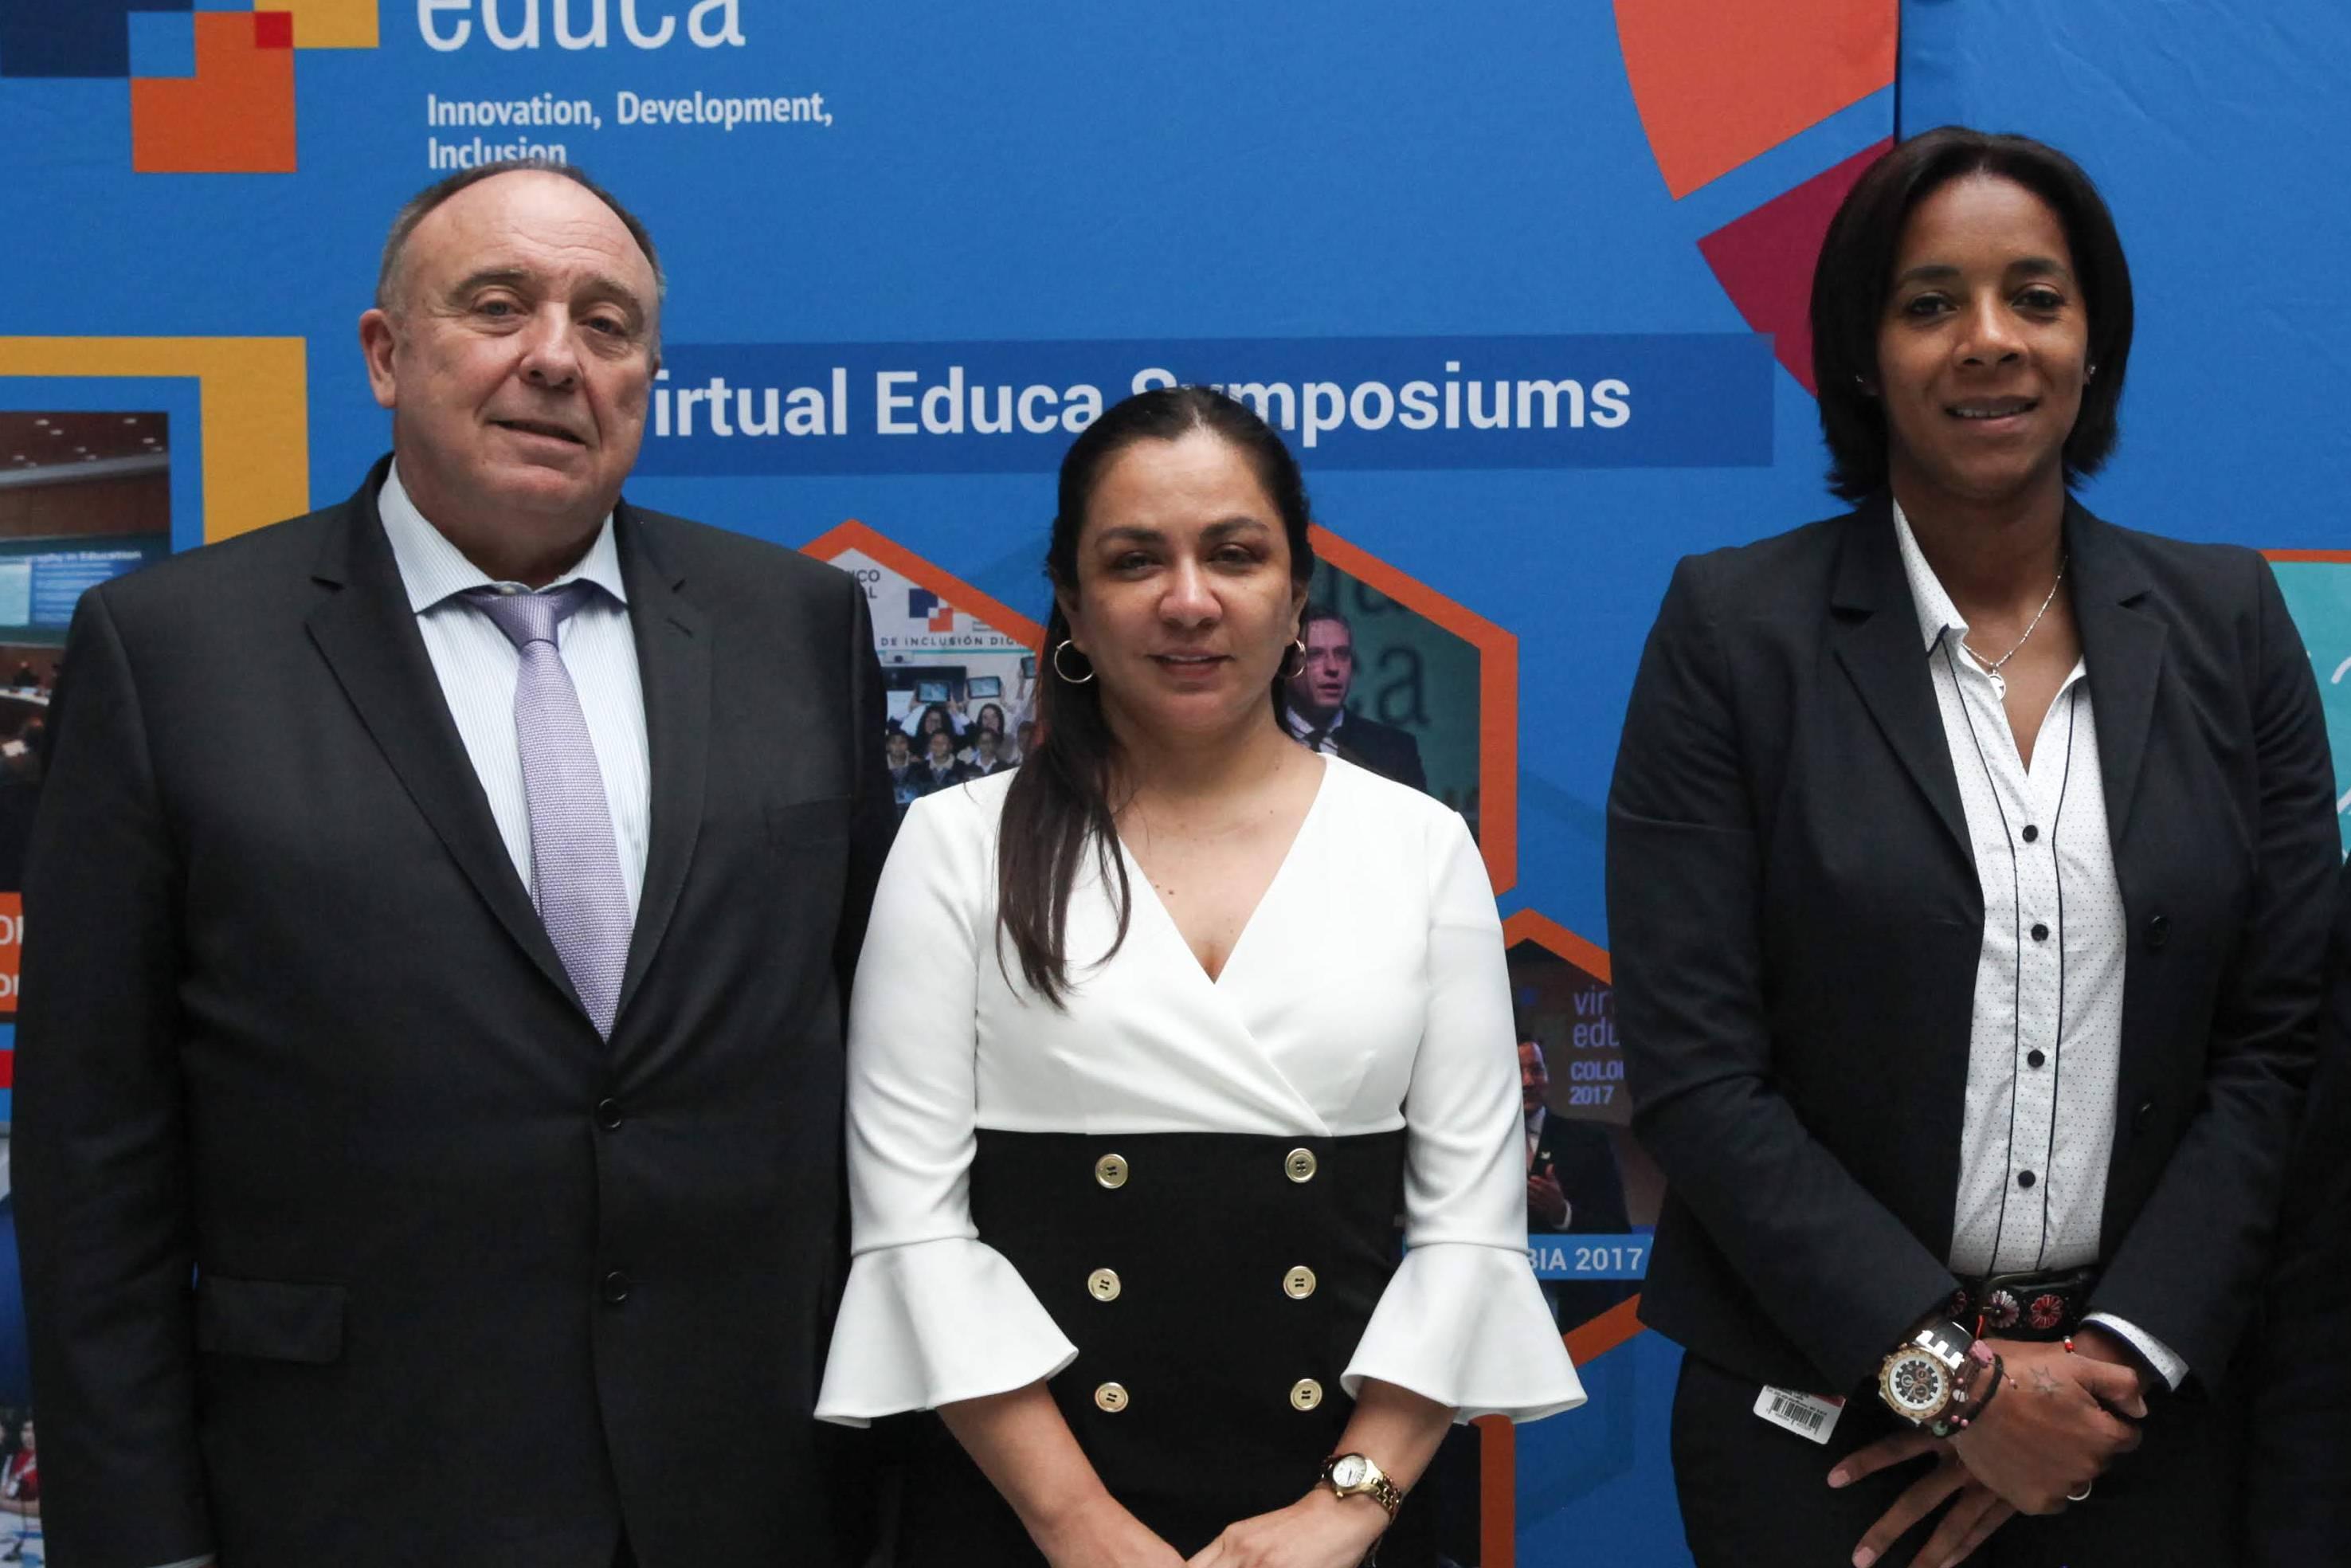 Promoción institucional del Encuentro Internacional Virtual Educa Perú 2019